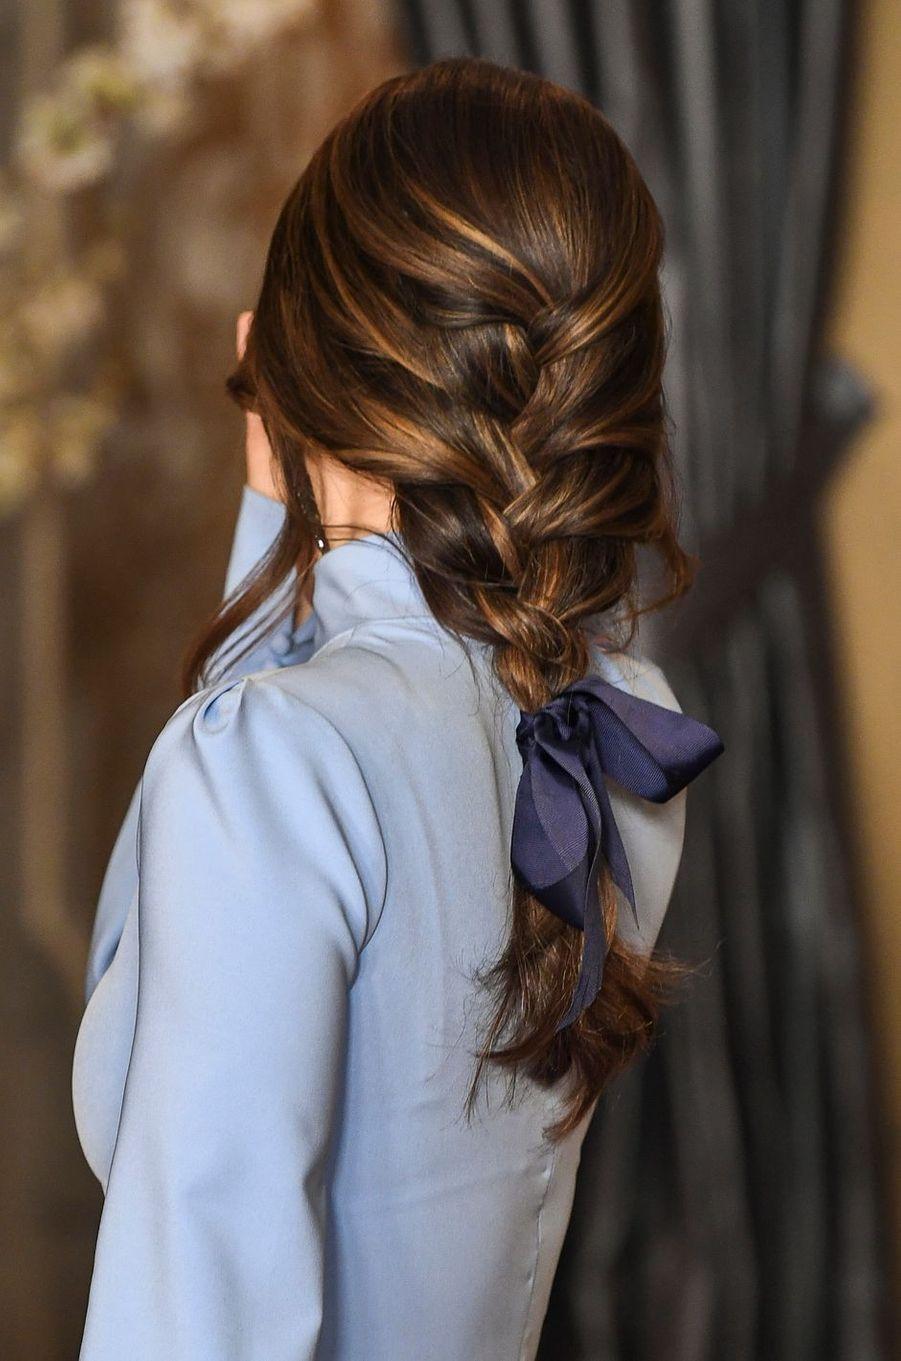 La coiffure de la princesse Sofia de Suède à Stockholm, le 14 mars 2019